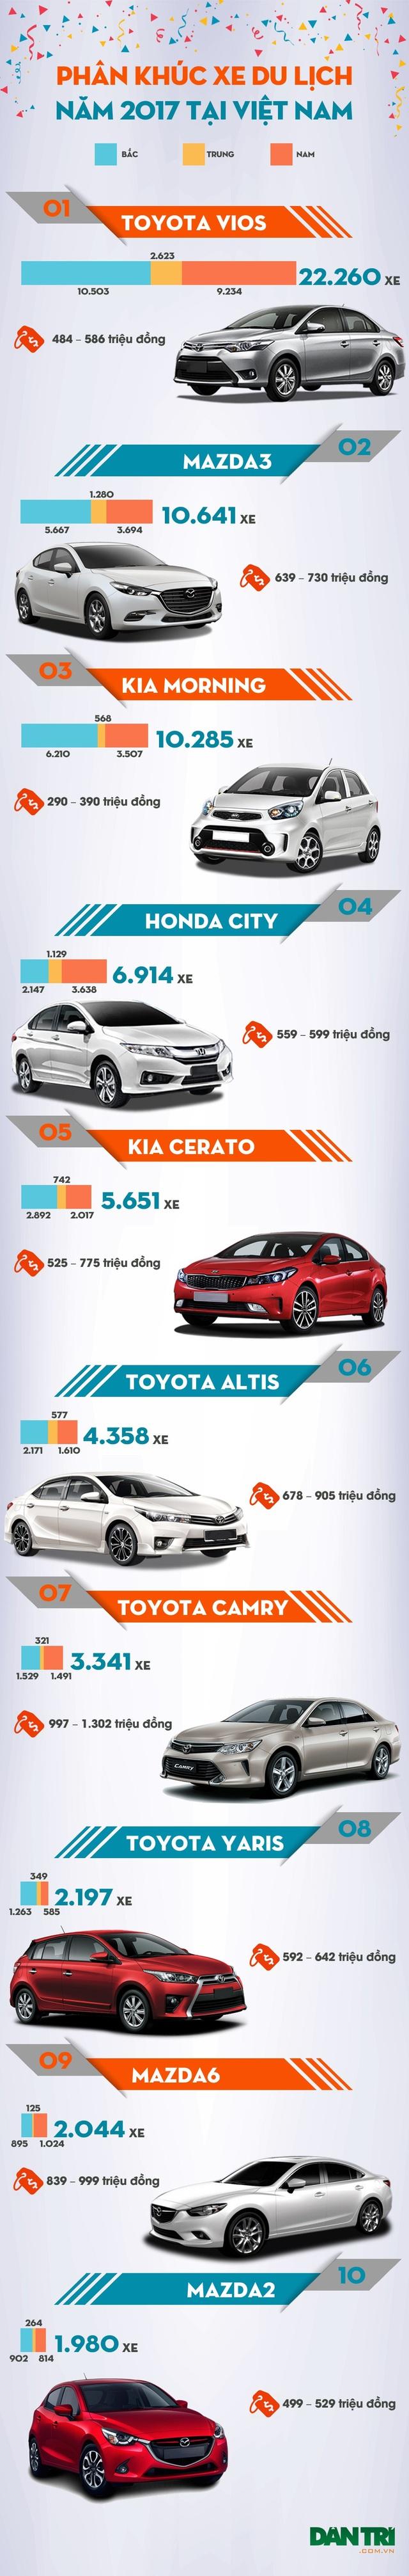 Top 10 mẫu xe du lịch bán chạy nhất Việt Nam năm 2017 - 1